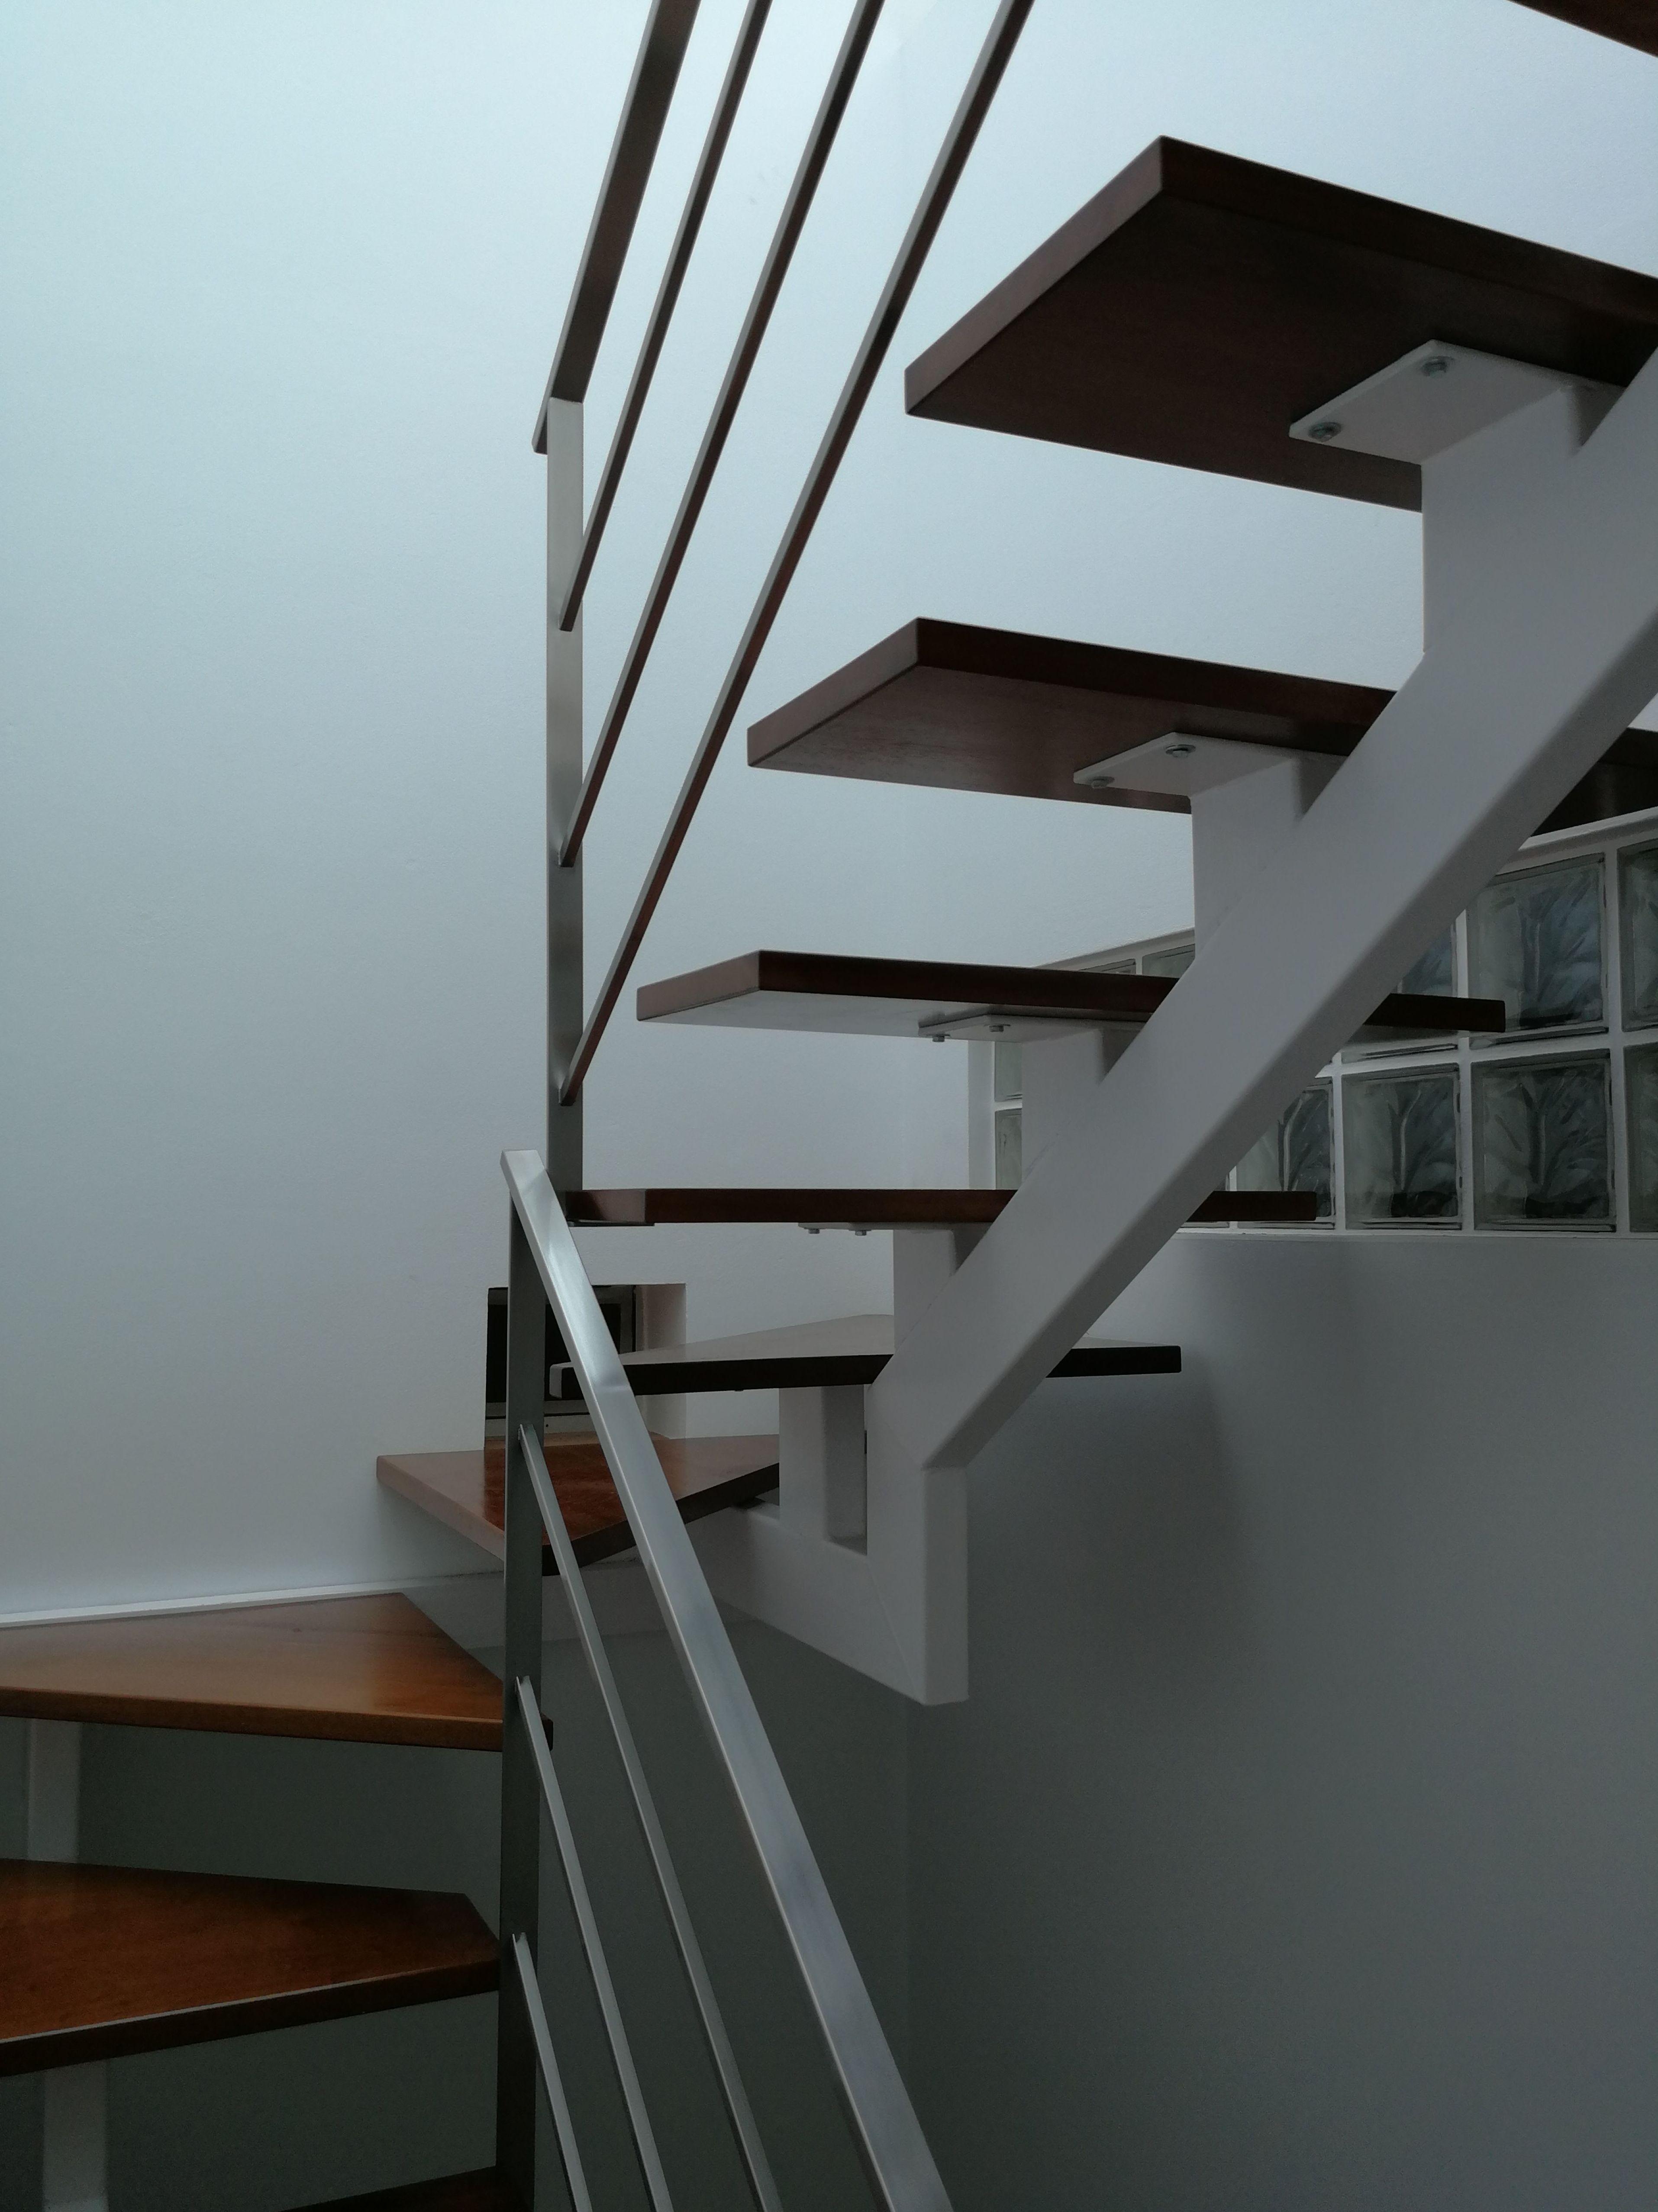 Foto 69 de Especialistas en diseños y proyectos en acero inoxidable en Alcalá de Guadaíra | Icminox